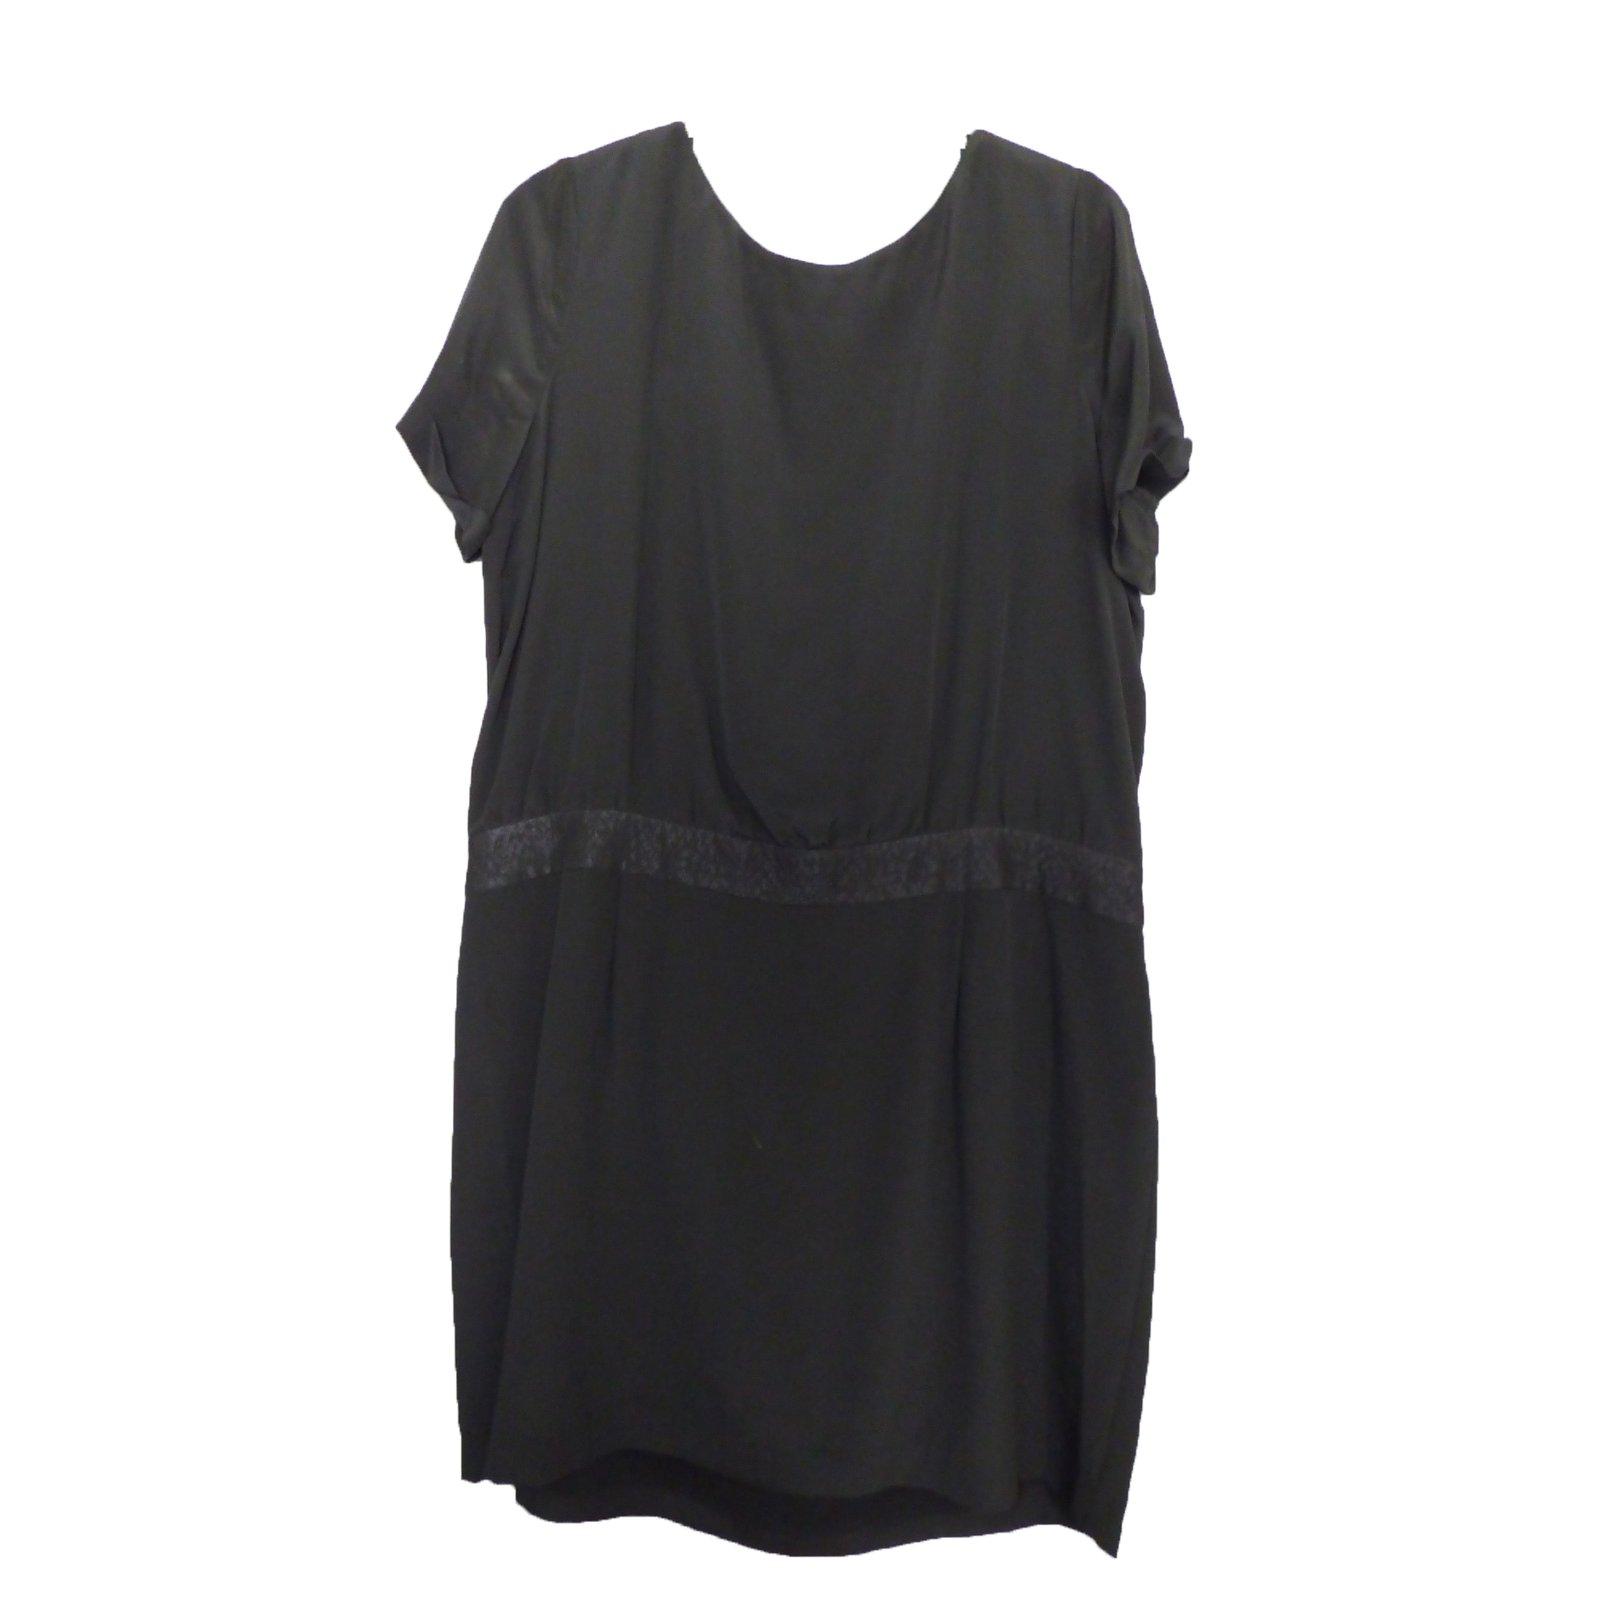 Robes Comptoir Des Cotonniers Robe Soieviscose Noir Ref47204